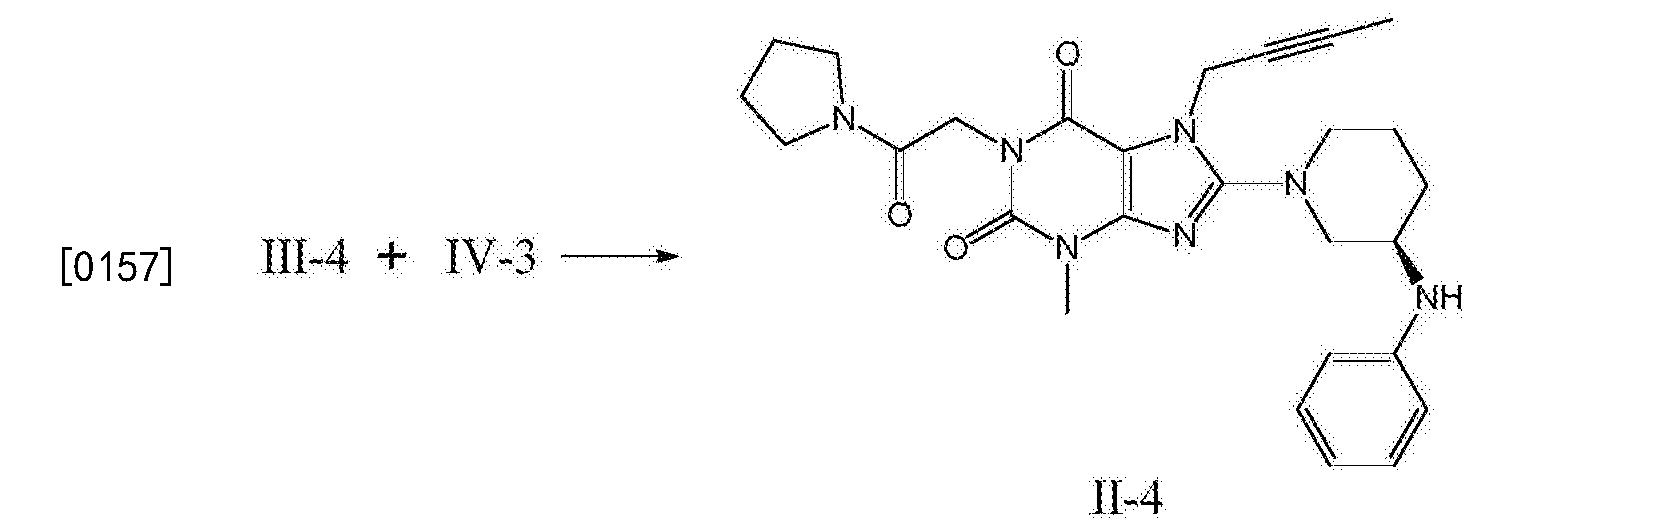 Figure CN105503873BD00171